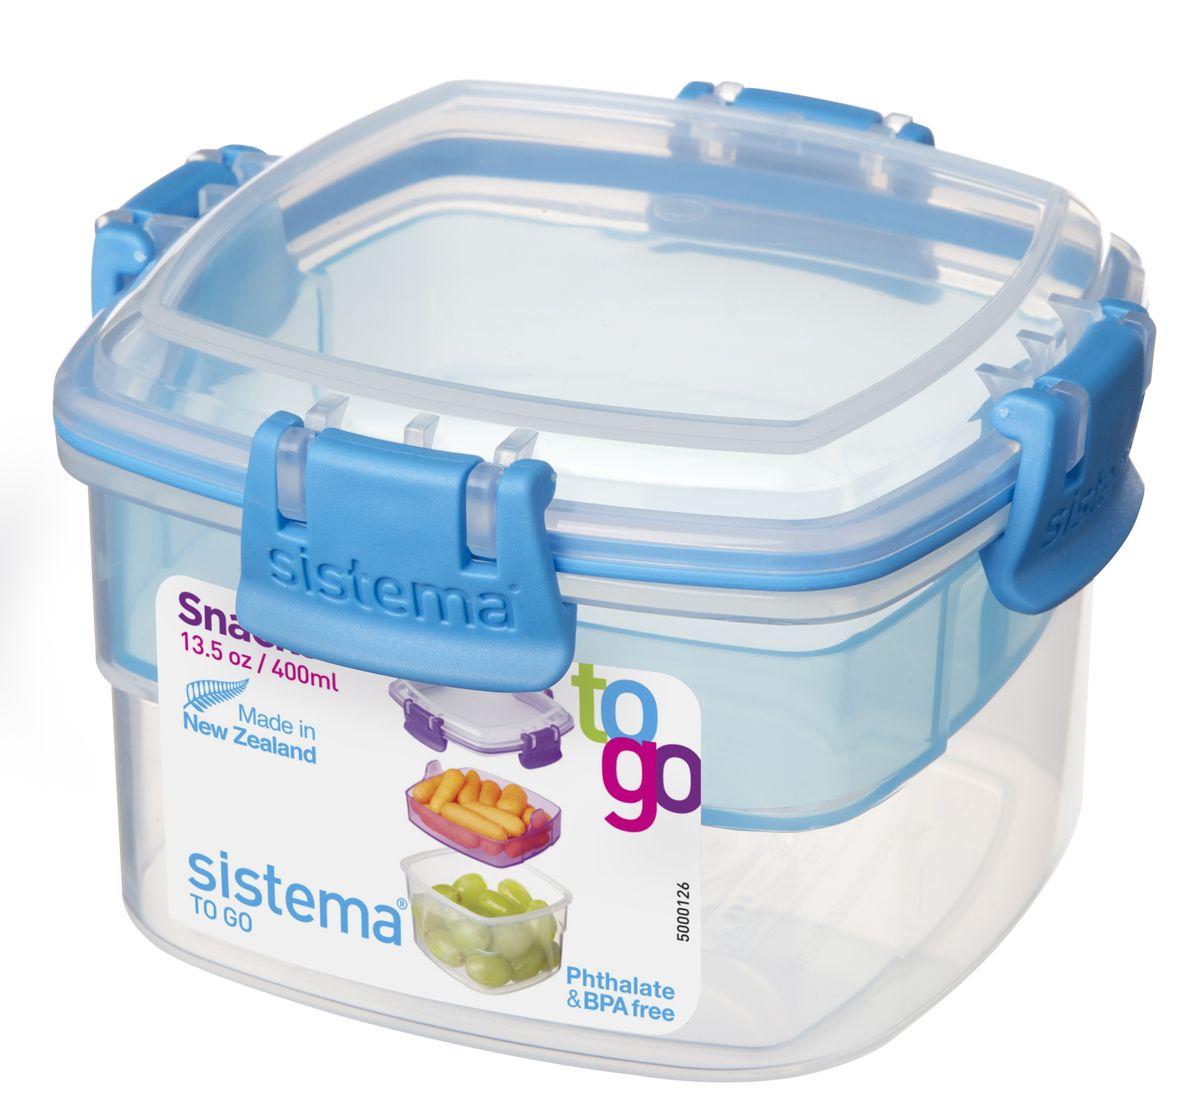 Контейнер пищевой Sistema To-Go, двухуровневый, цвет: прозрачный, голубой, 400 мл21320Контейнер двухуровневый Sistema To-Goудобен для хранения и транспортировки бутербродов, порционных салатов, мяса или рыбы, горячих и холодных блюд. Контейнер оснащен фиксирующимися зажимами - клипсами, которые при необходимости можно будет заменить. На крышке имеется прорезиненный обод, который способствует более герметичному закрыванию. Можно мыть в посудомоечной машине.